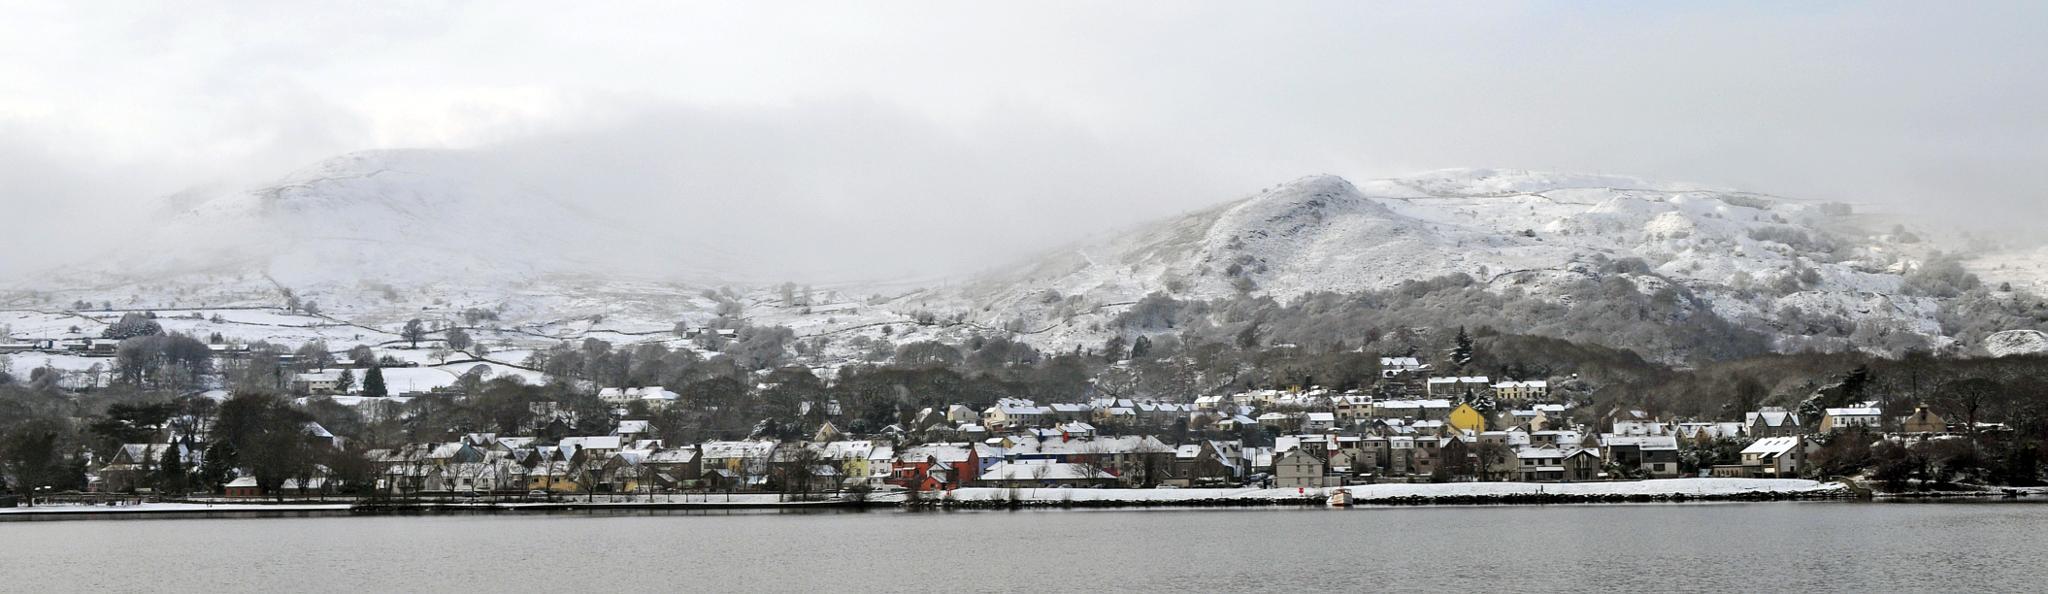 Llanberis in snow. by hefin.owen